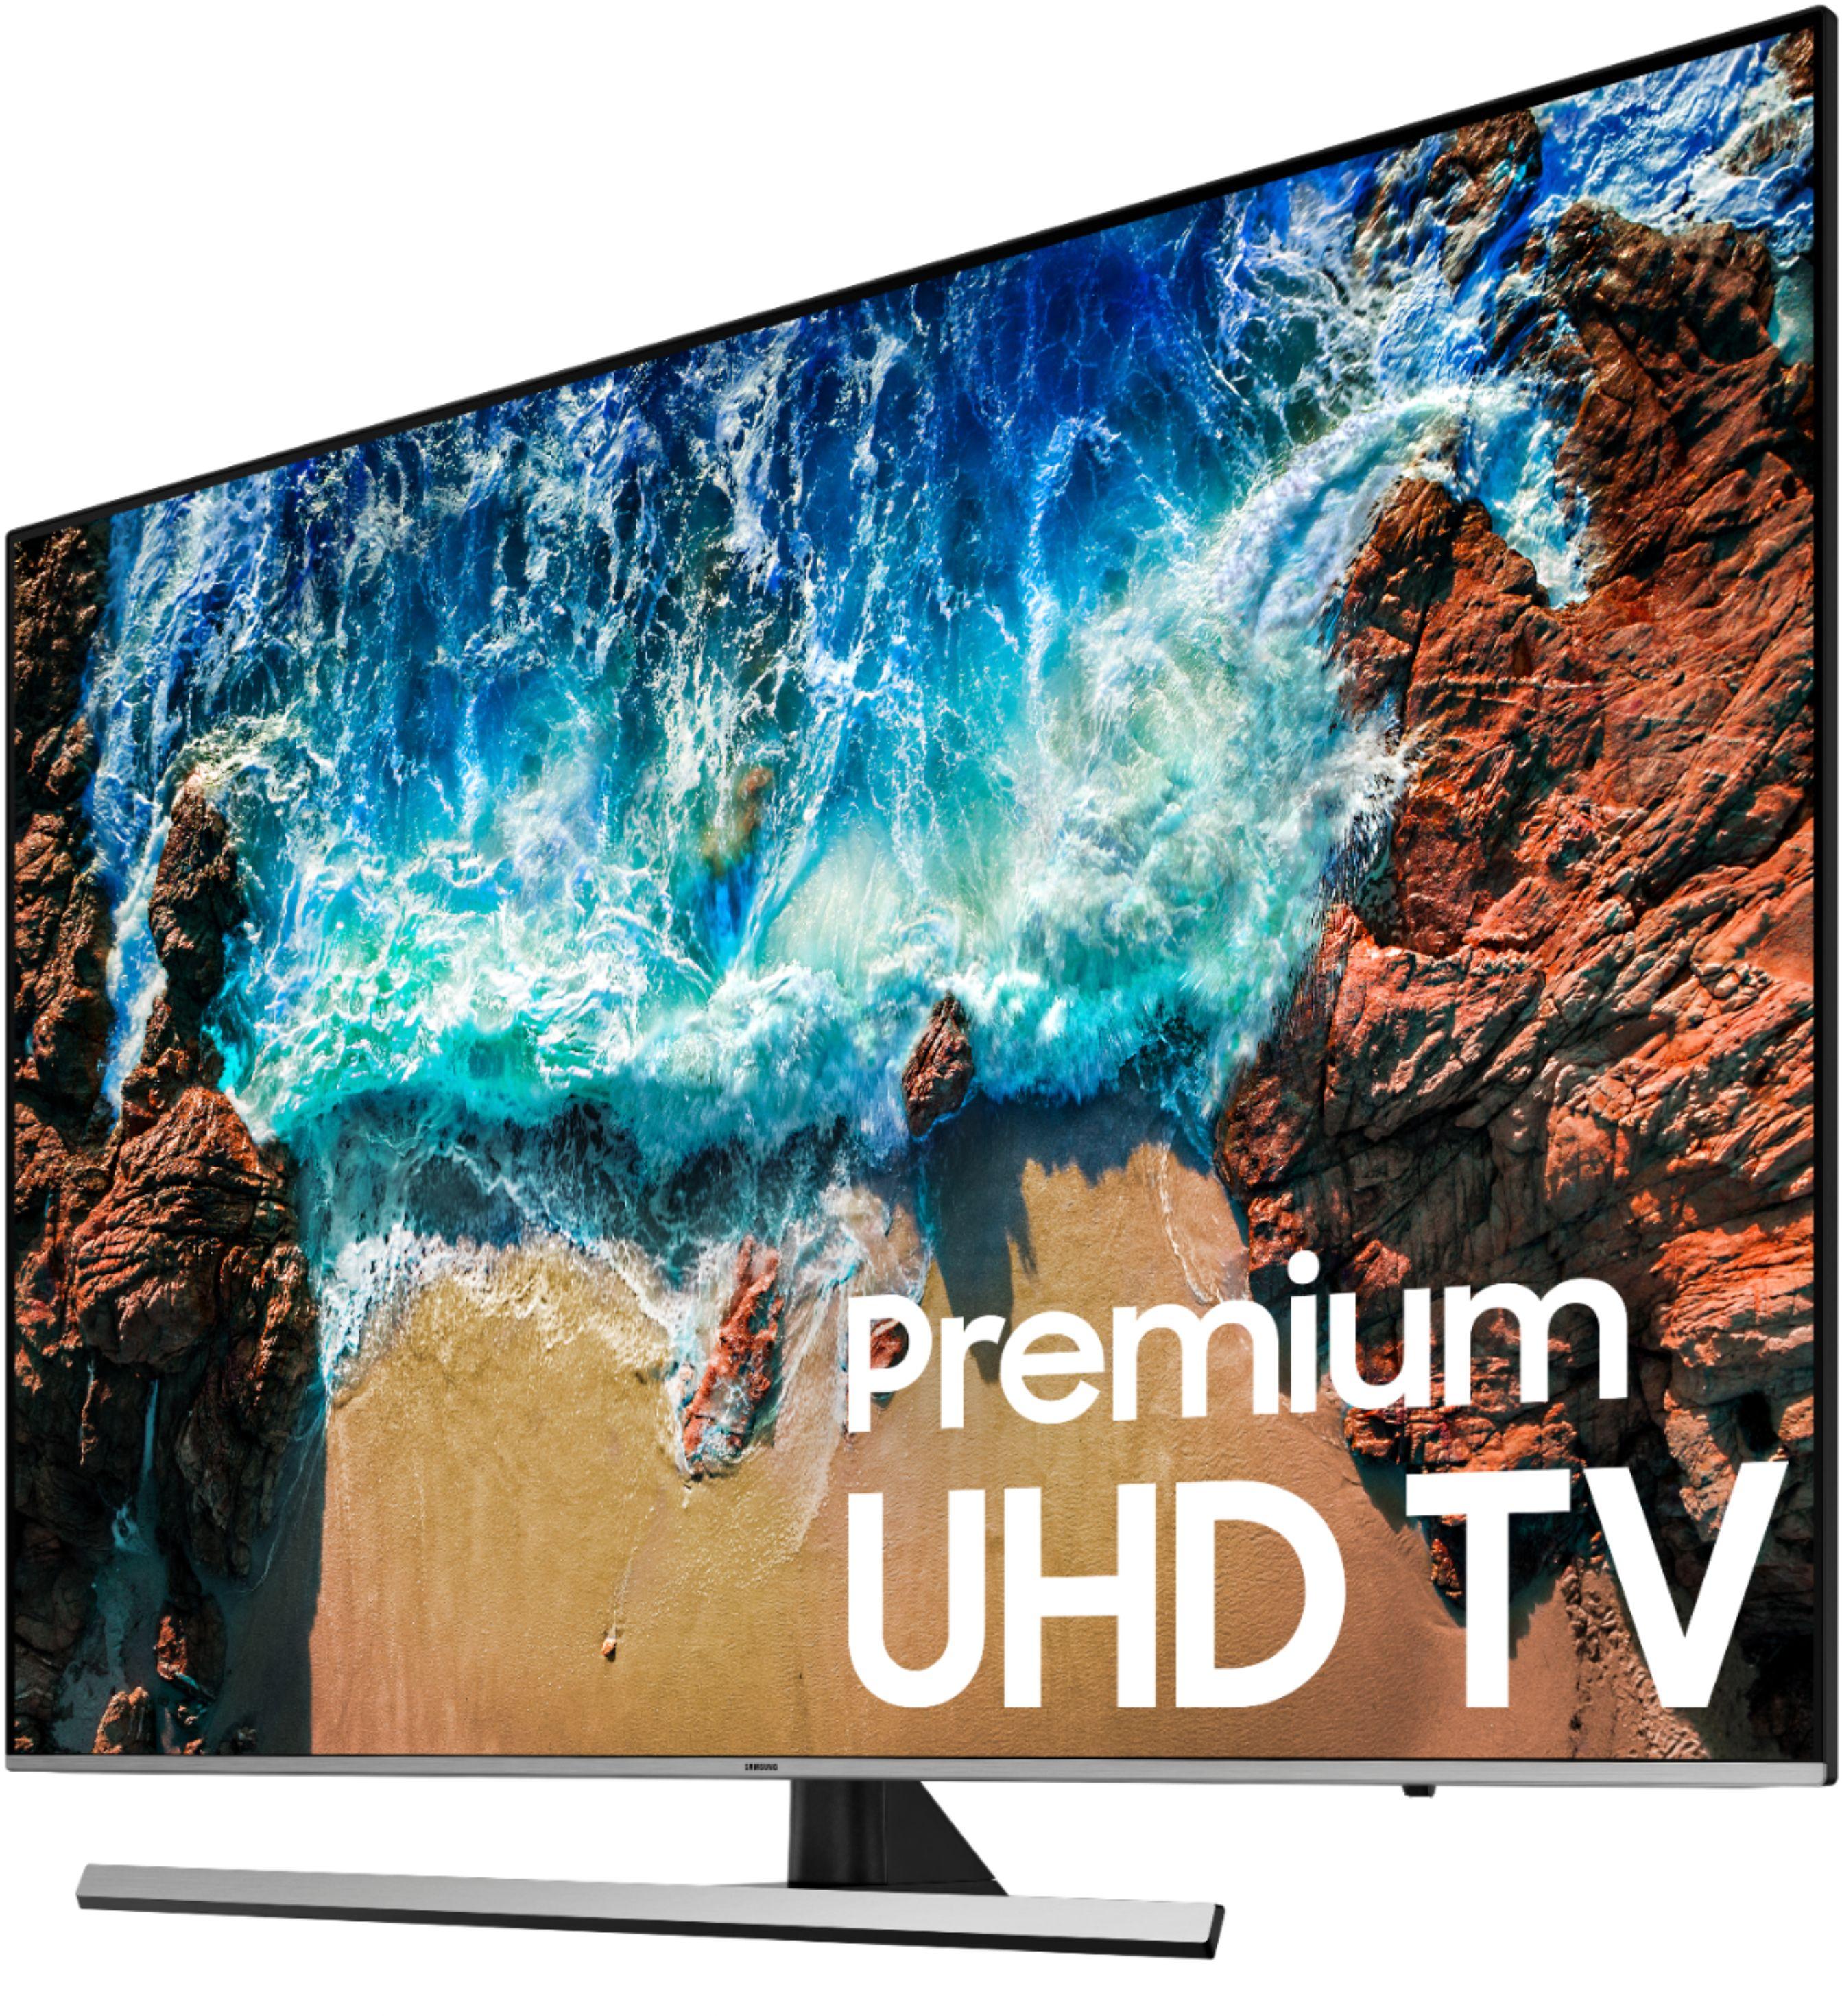 Image 5 for Samsung UN65NU8000FXZA